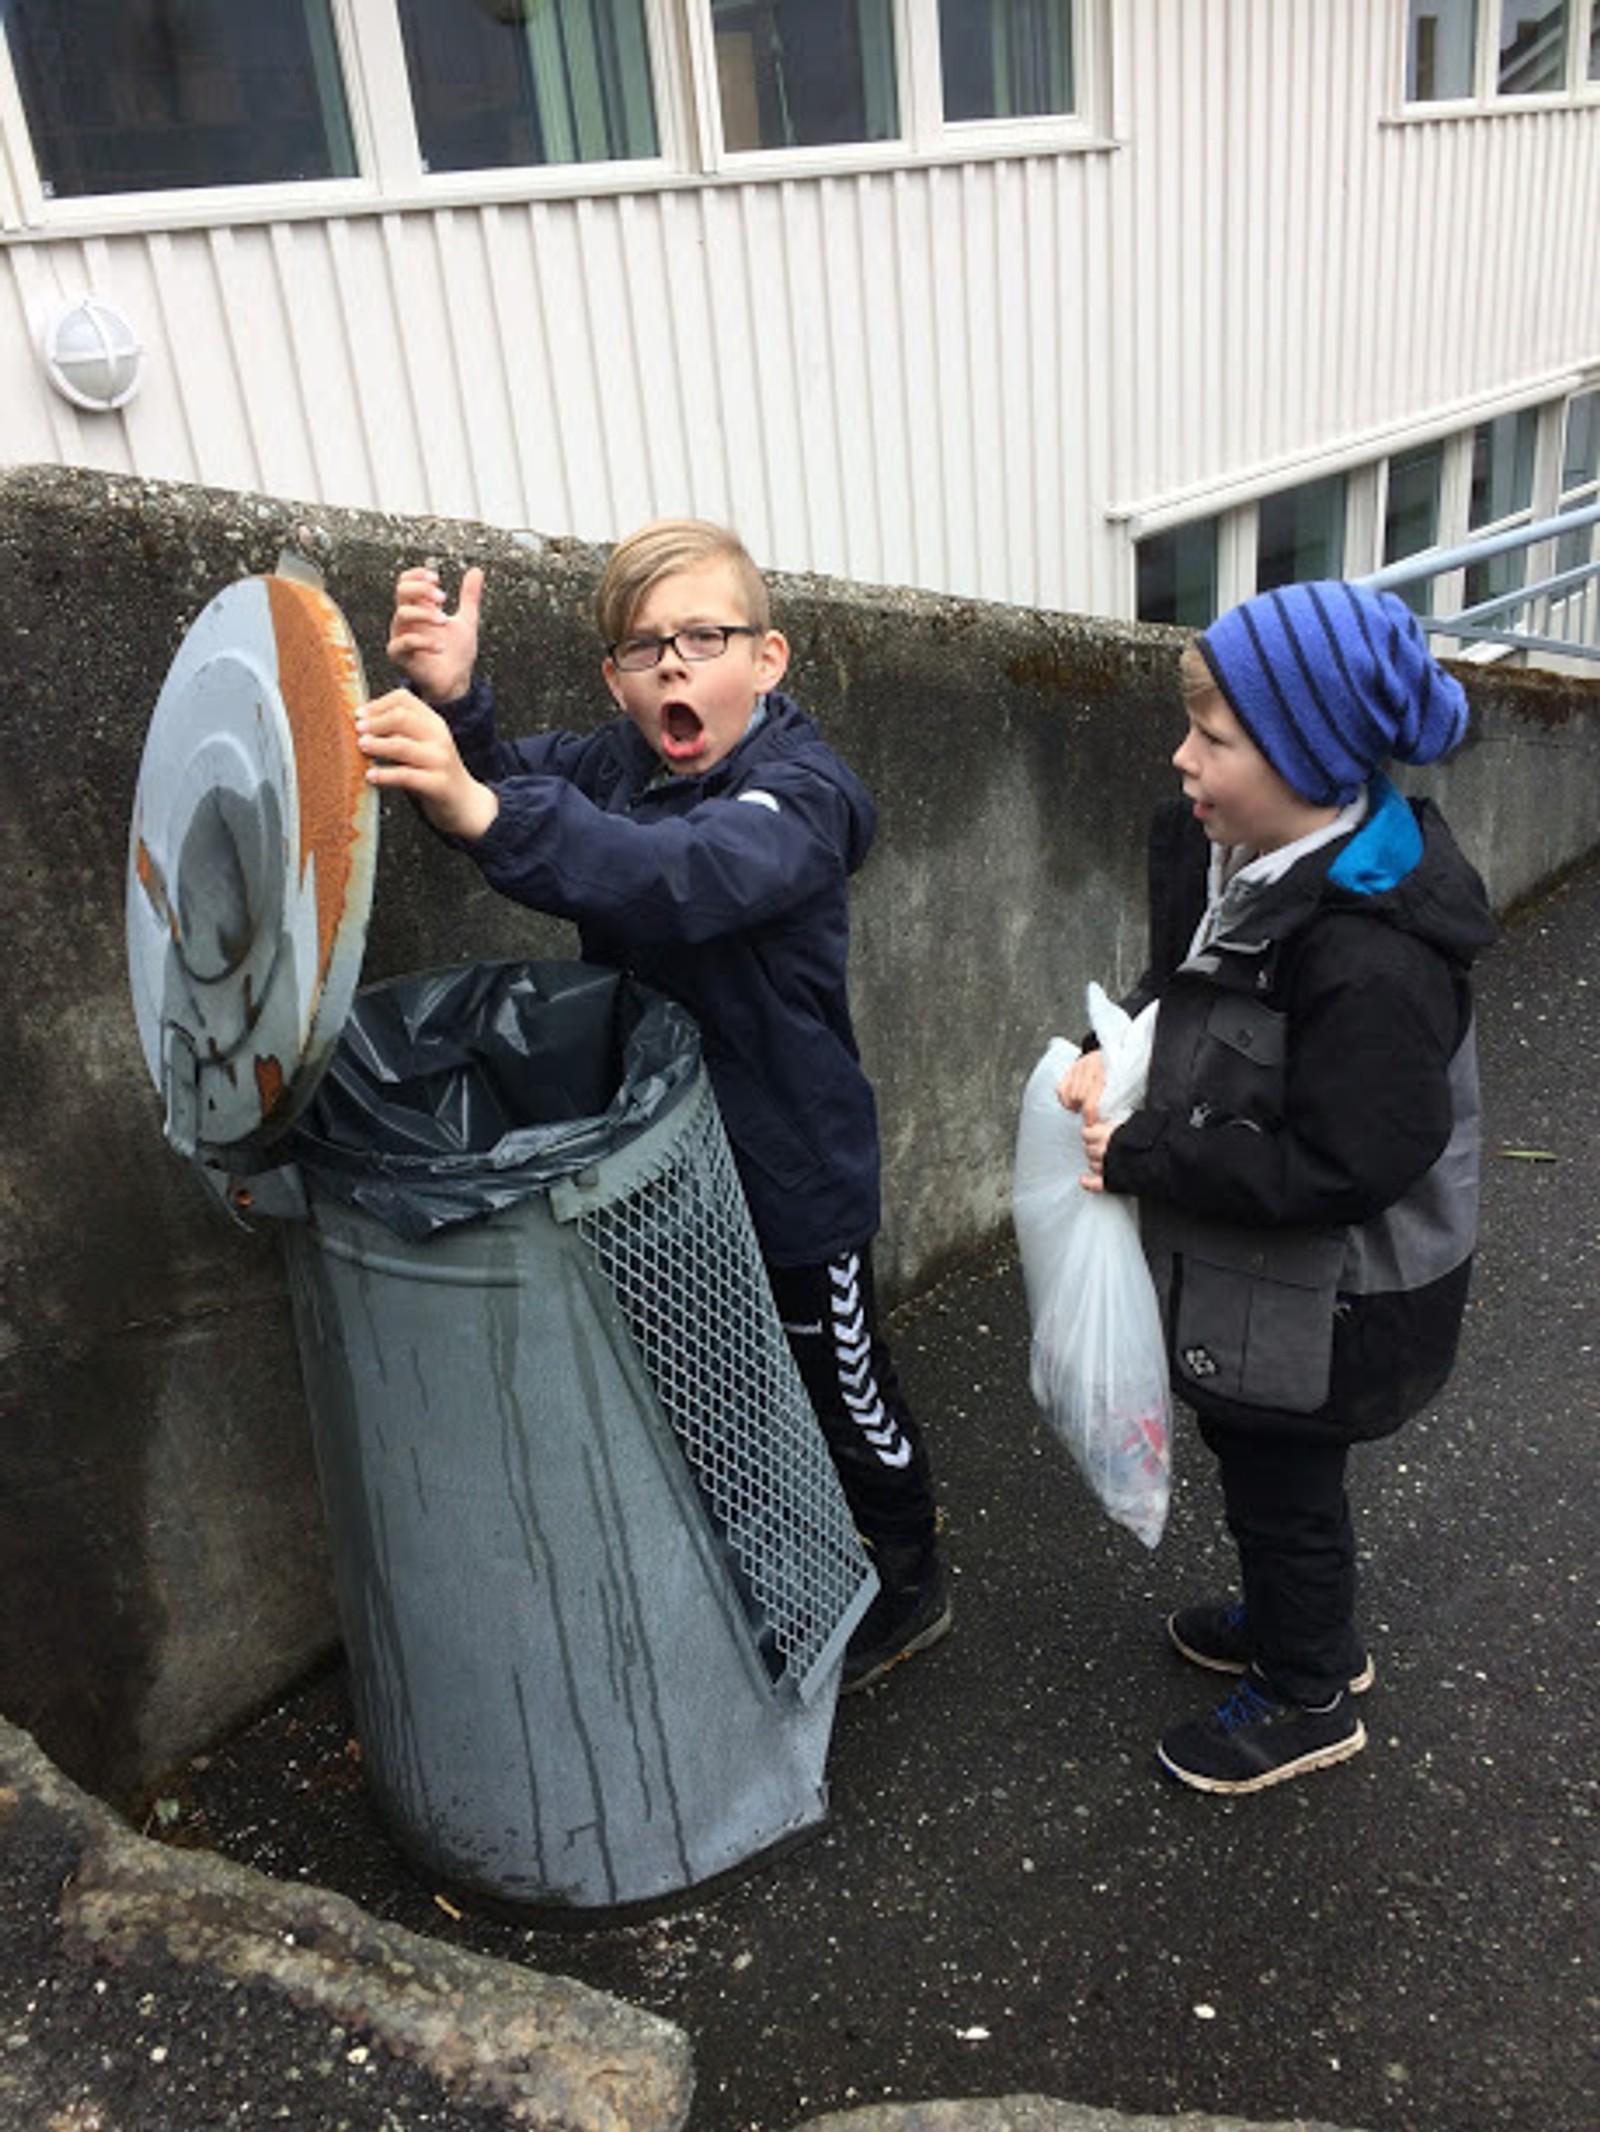 1. og 2. klasse ved Samfundets skole rydder søppel på skolens område.